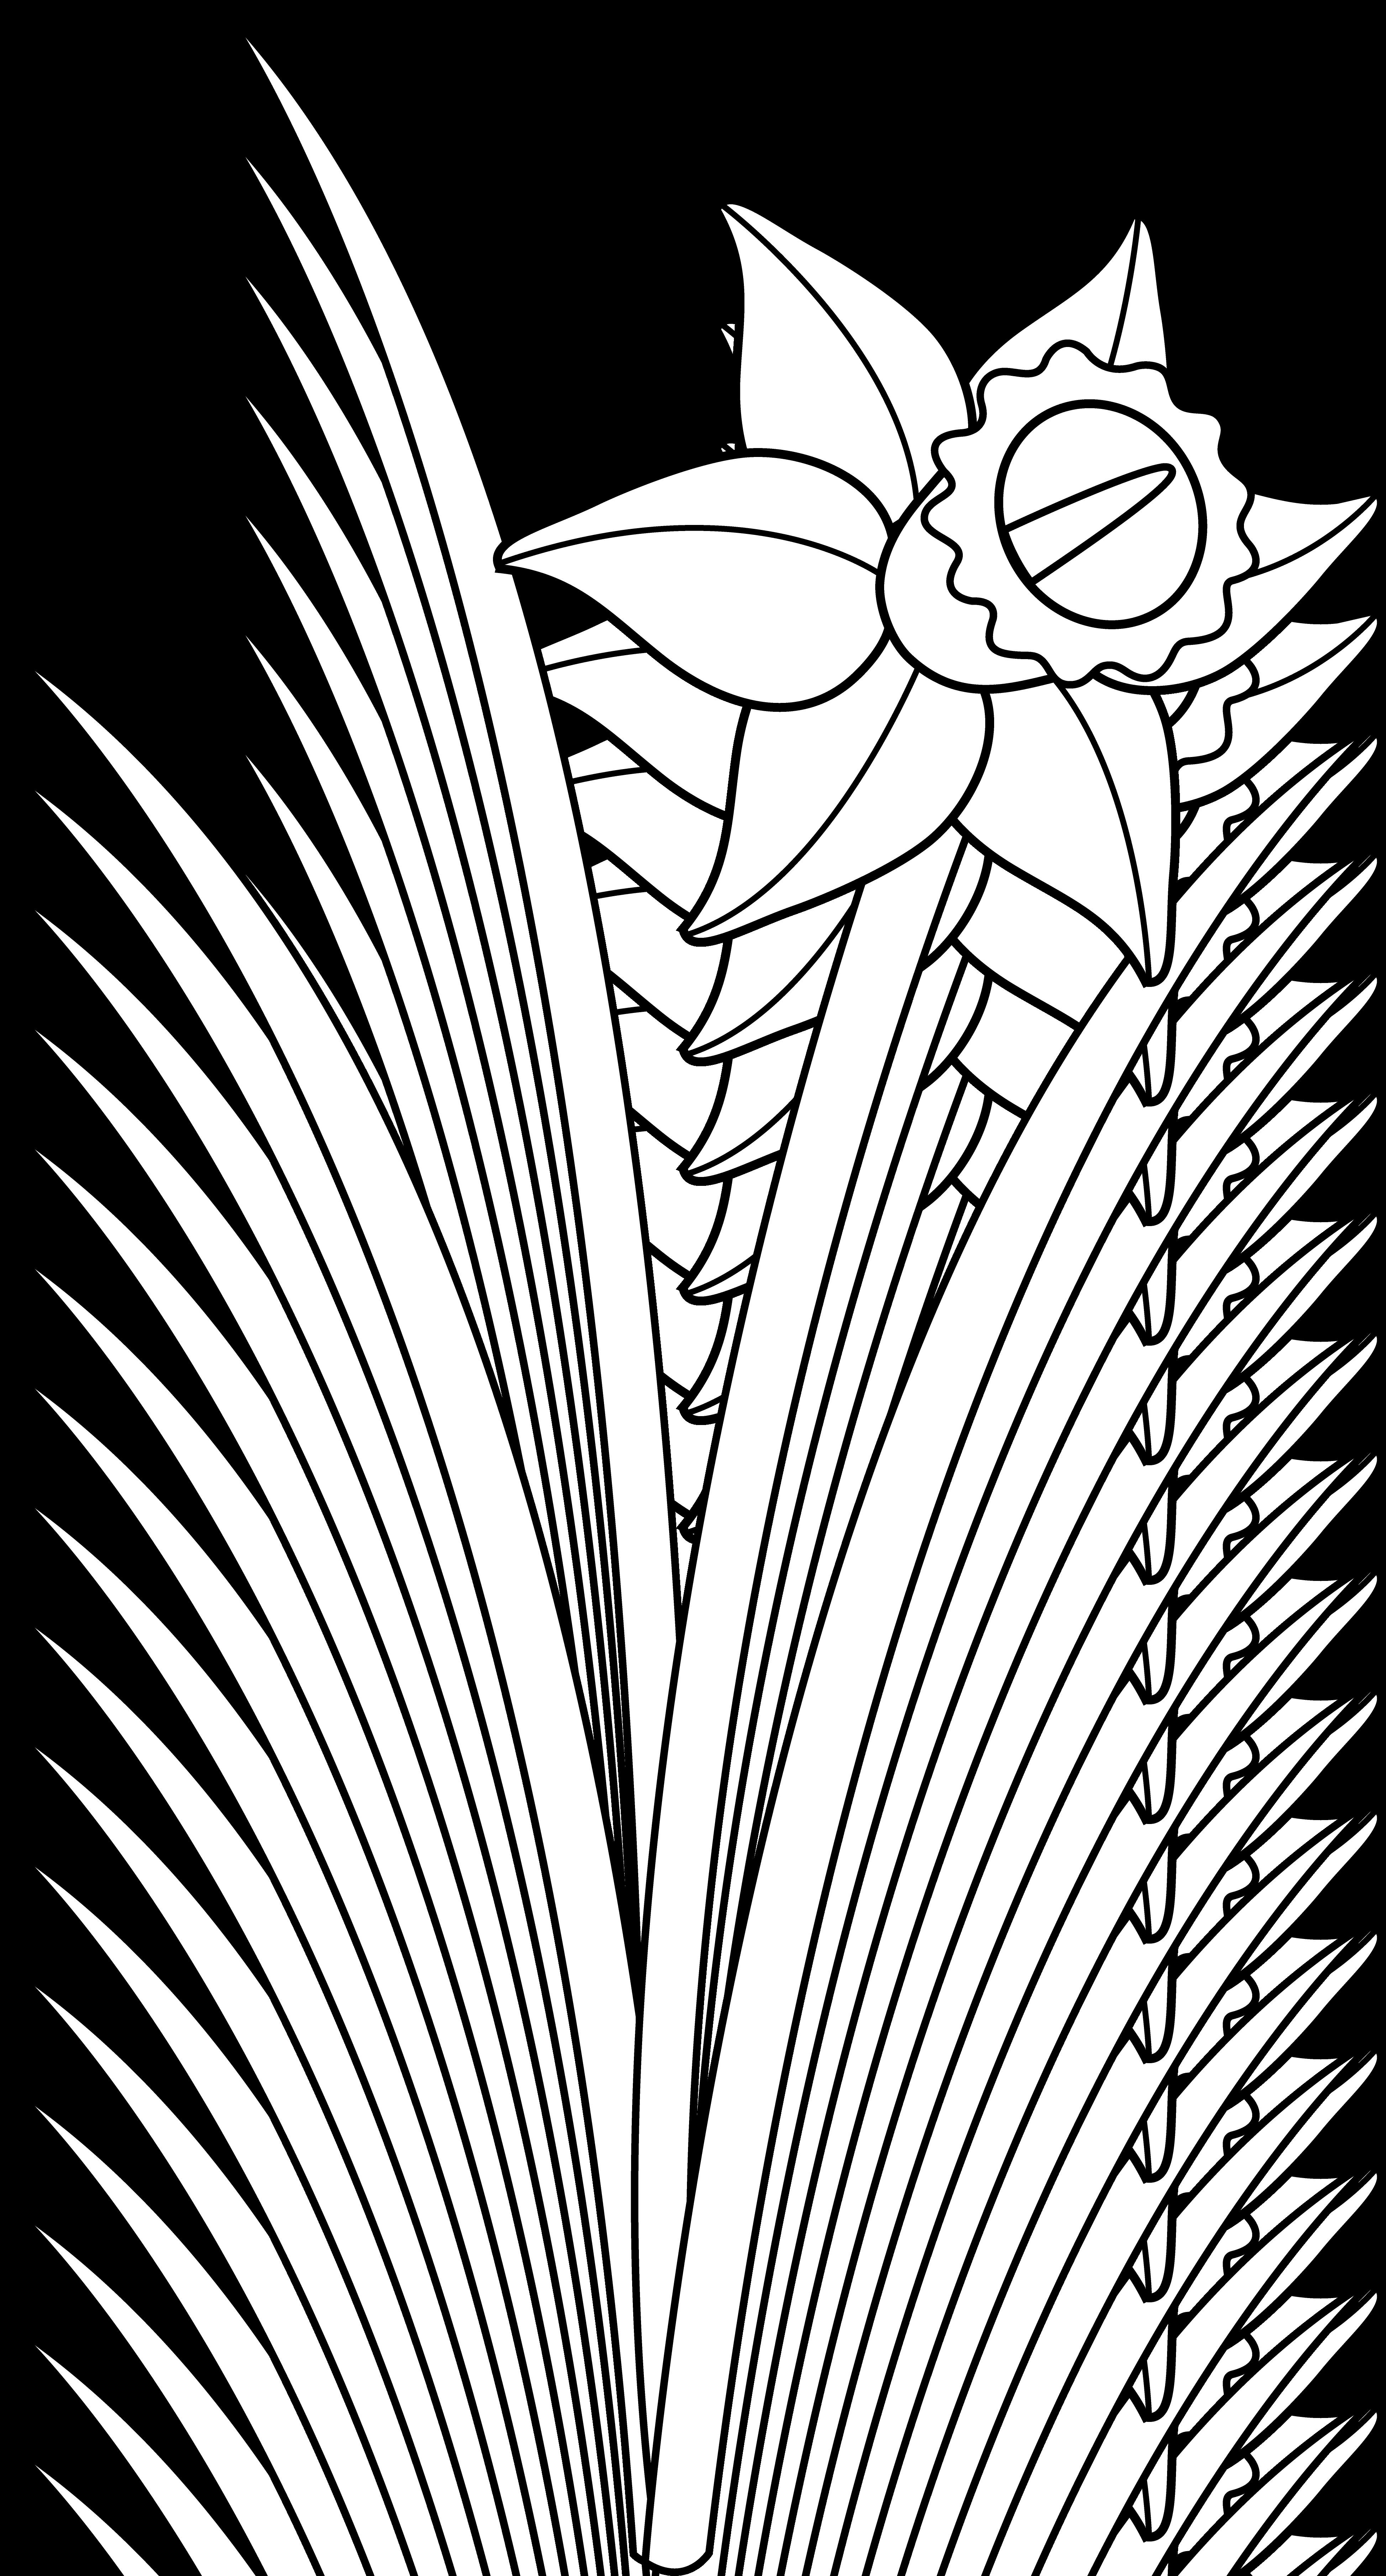 3894x7238 Daffodil Flower Line Art